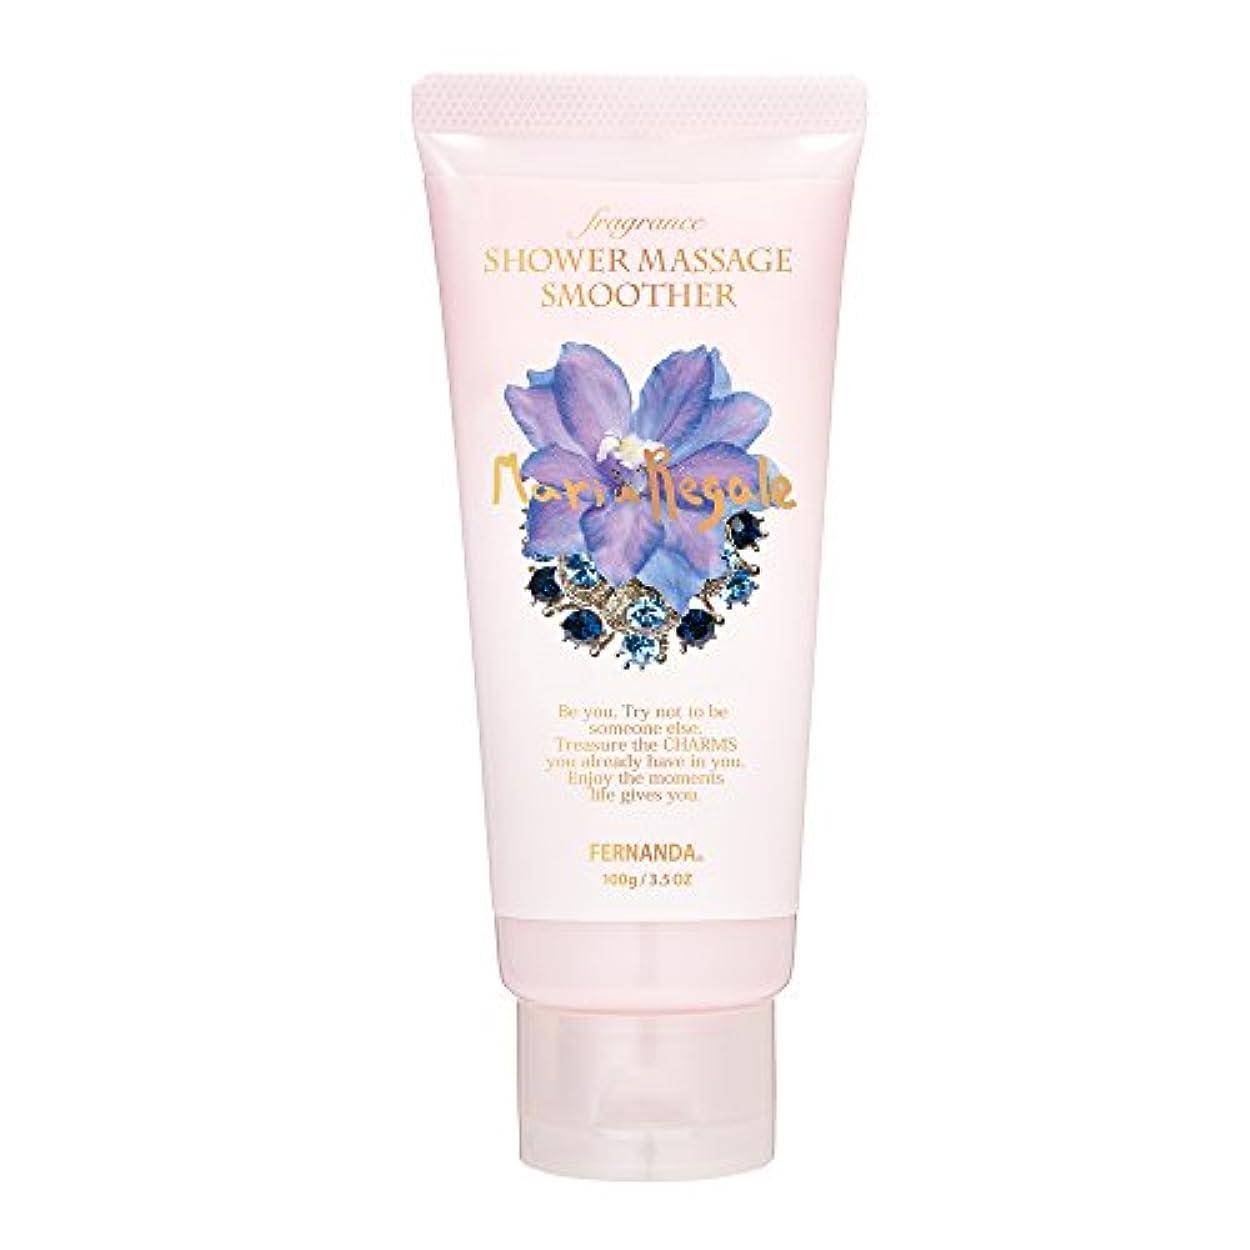 幻影回答デンマーク語FERNANDA(フェルナンダ) Fragrance Shower Massage Smoother Maria Regale (シャワーマッサージスムーサー マリアリゲル)